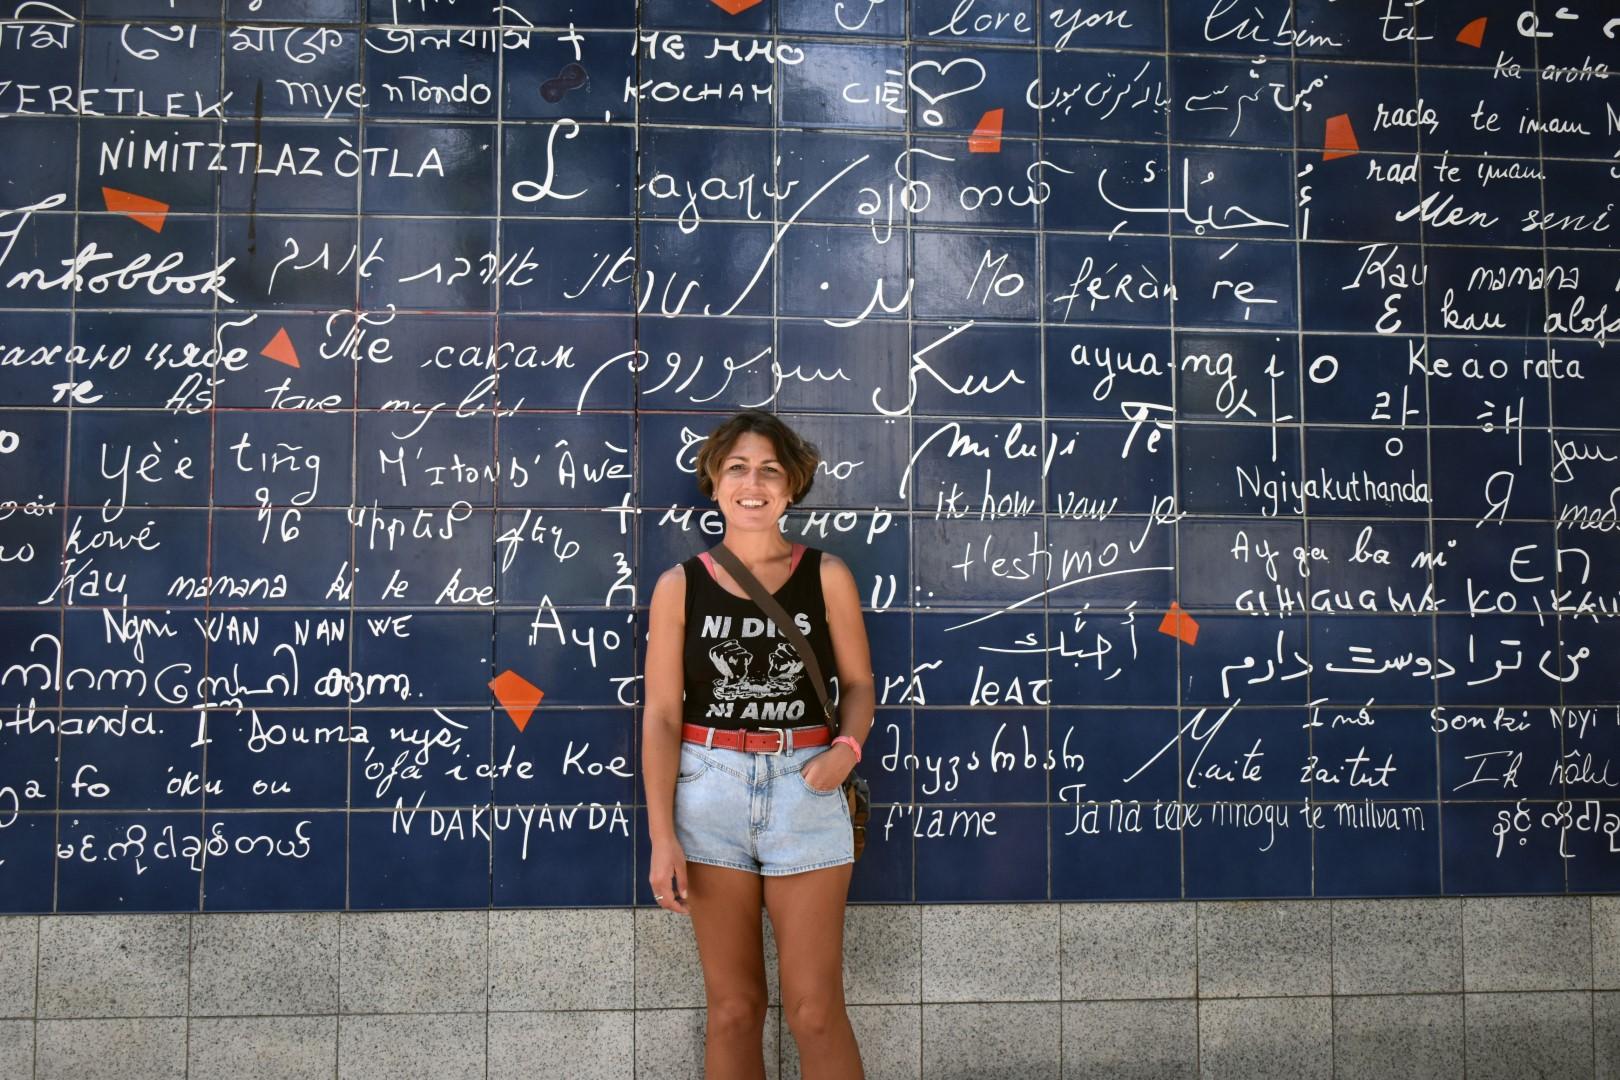 Le Mur des Je t'aime, place des Abbesses, Paris